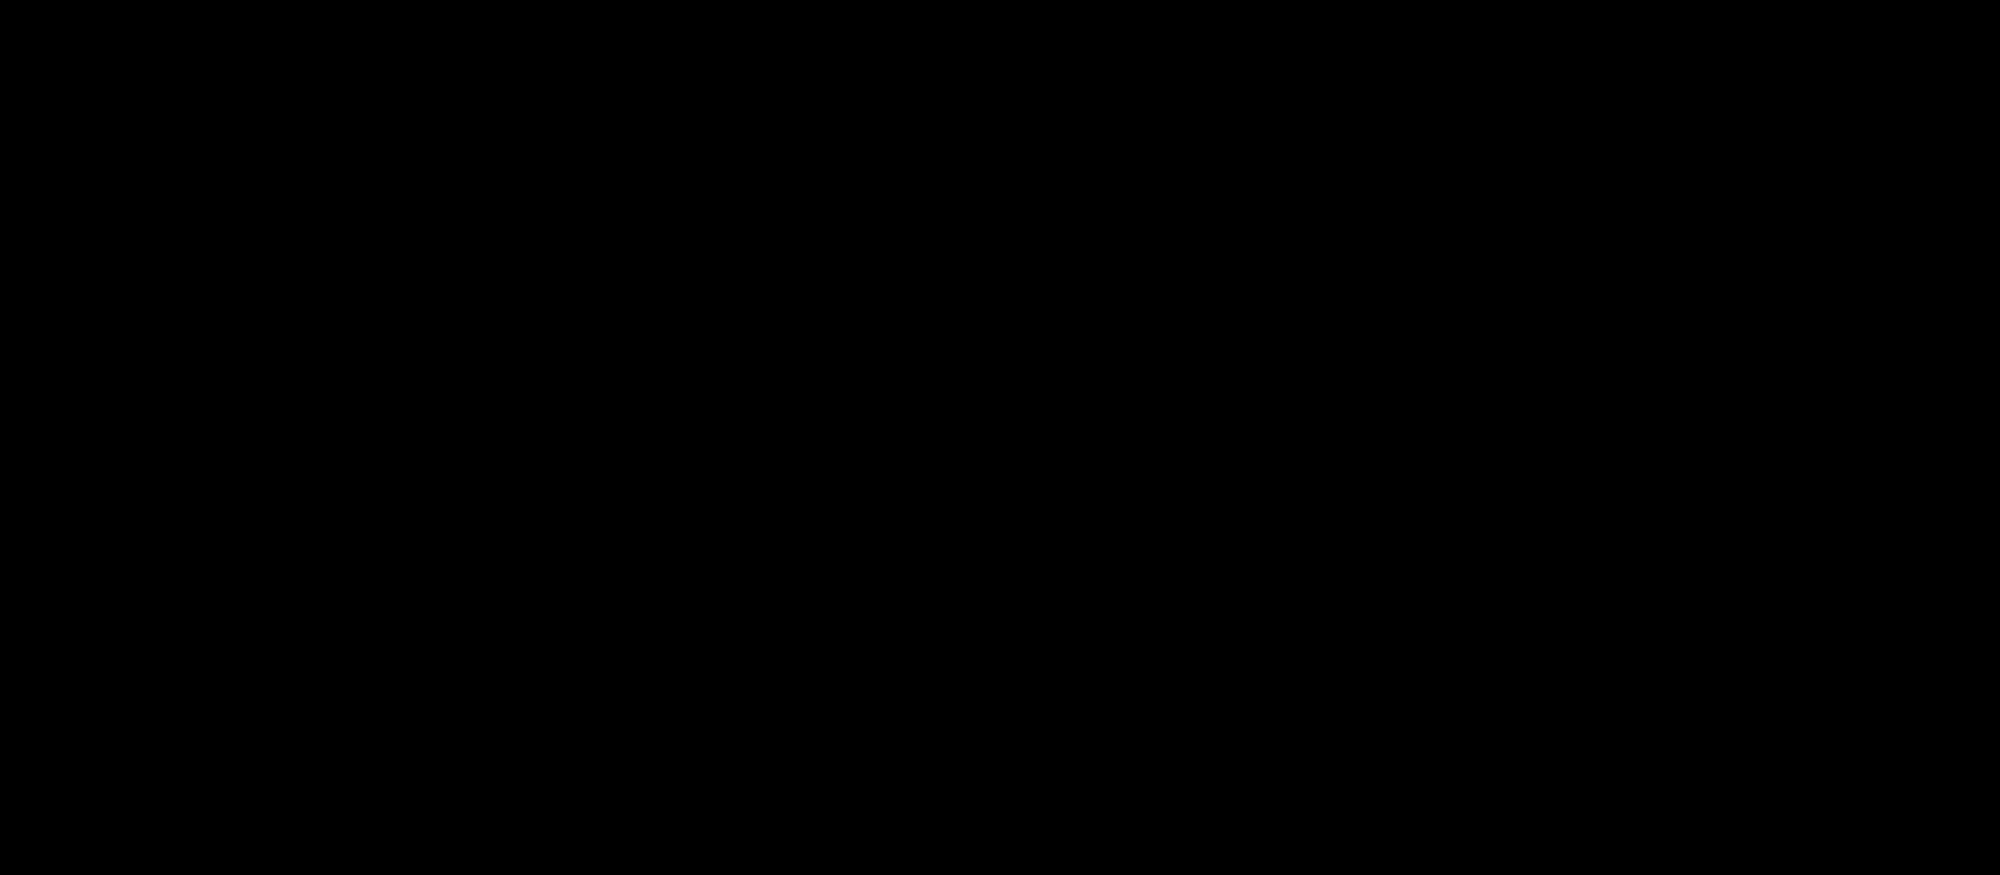 MAGNETIC NORTH-logo-black.png